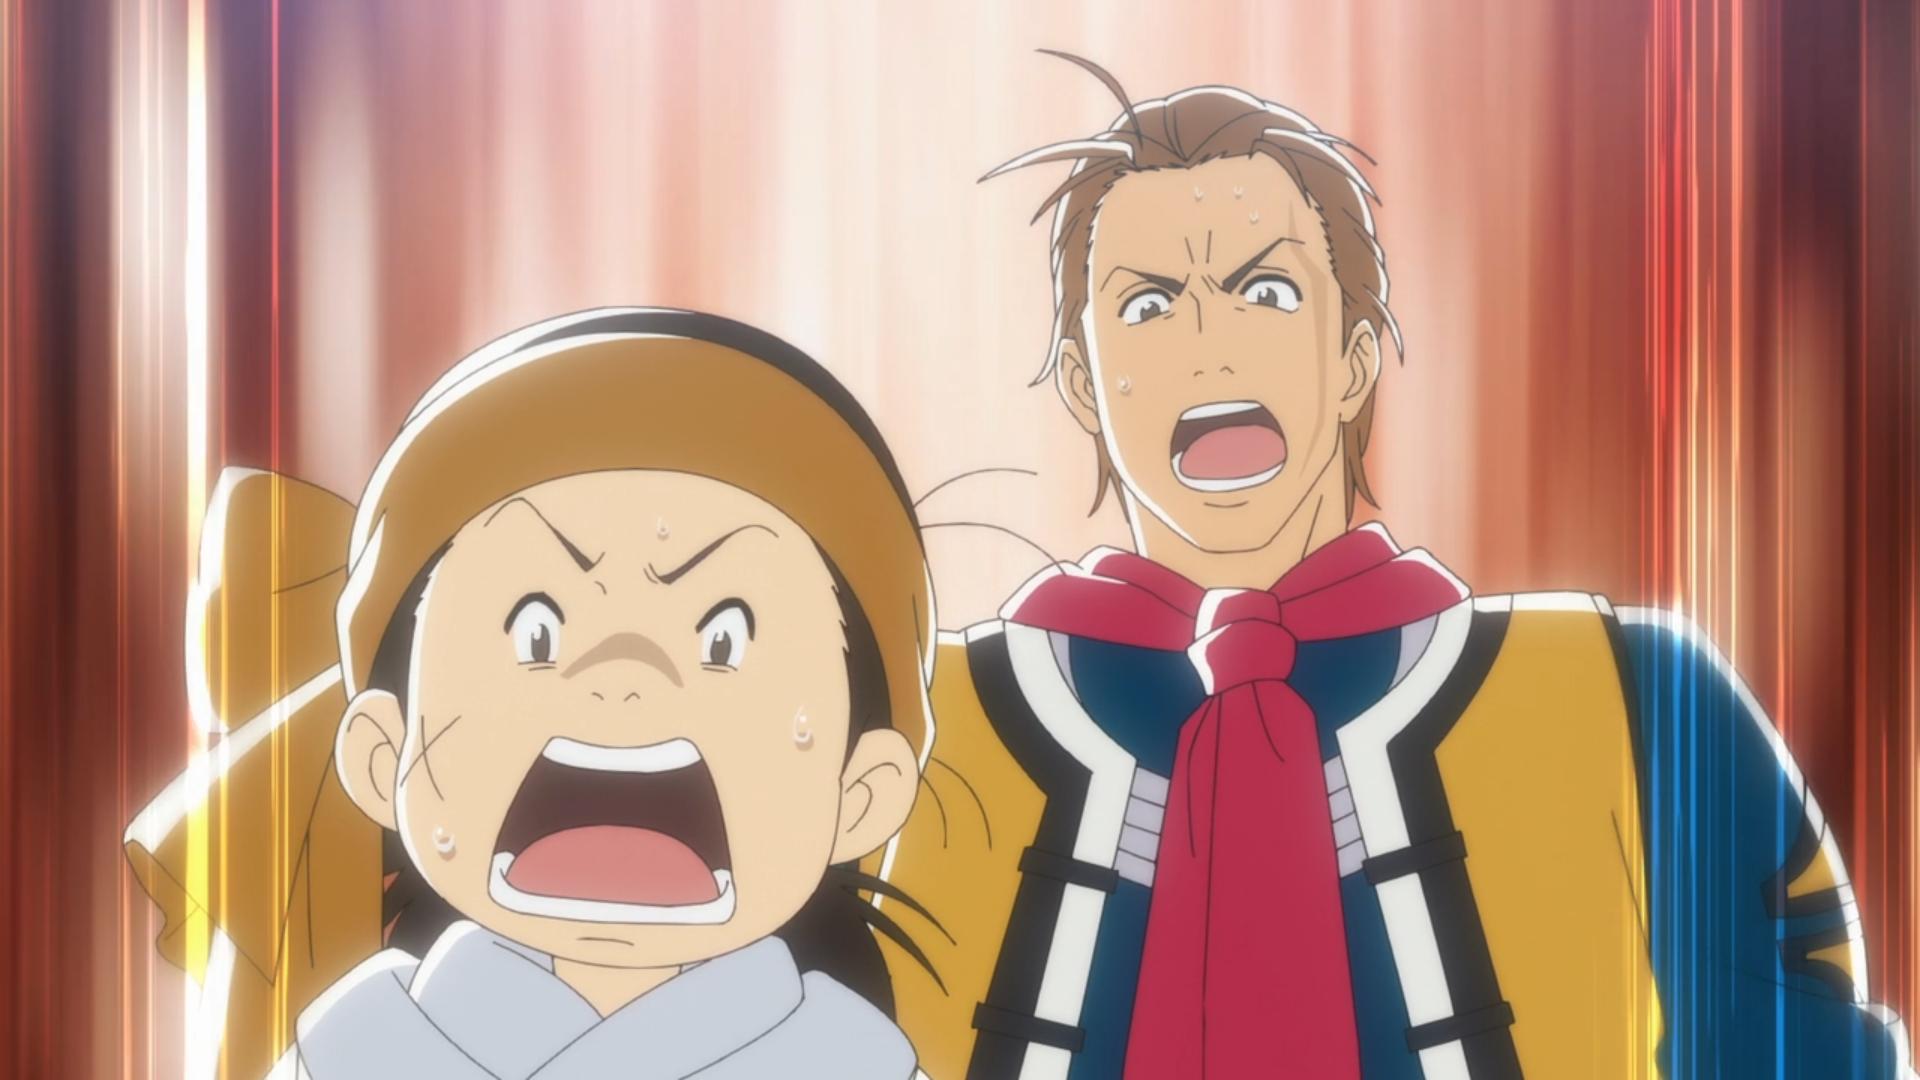 Shirou y Xie Lu están impactados por un desarrollo impresionante en el concurso de cocina con habilidades de cuchillo en una escena del anime de televisión True Cooking Master Boy 2019.